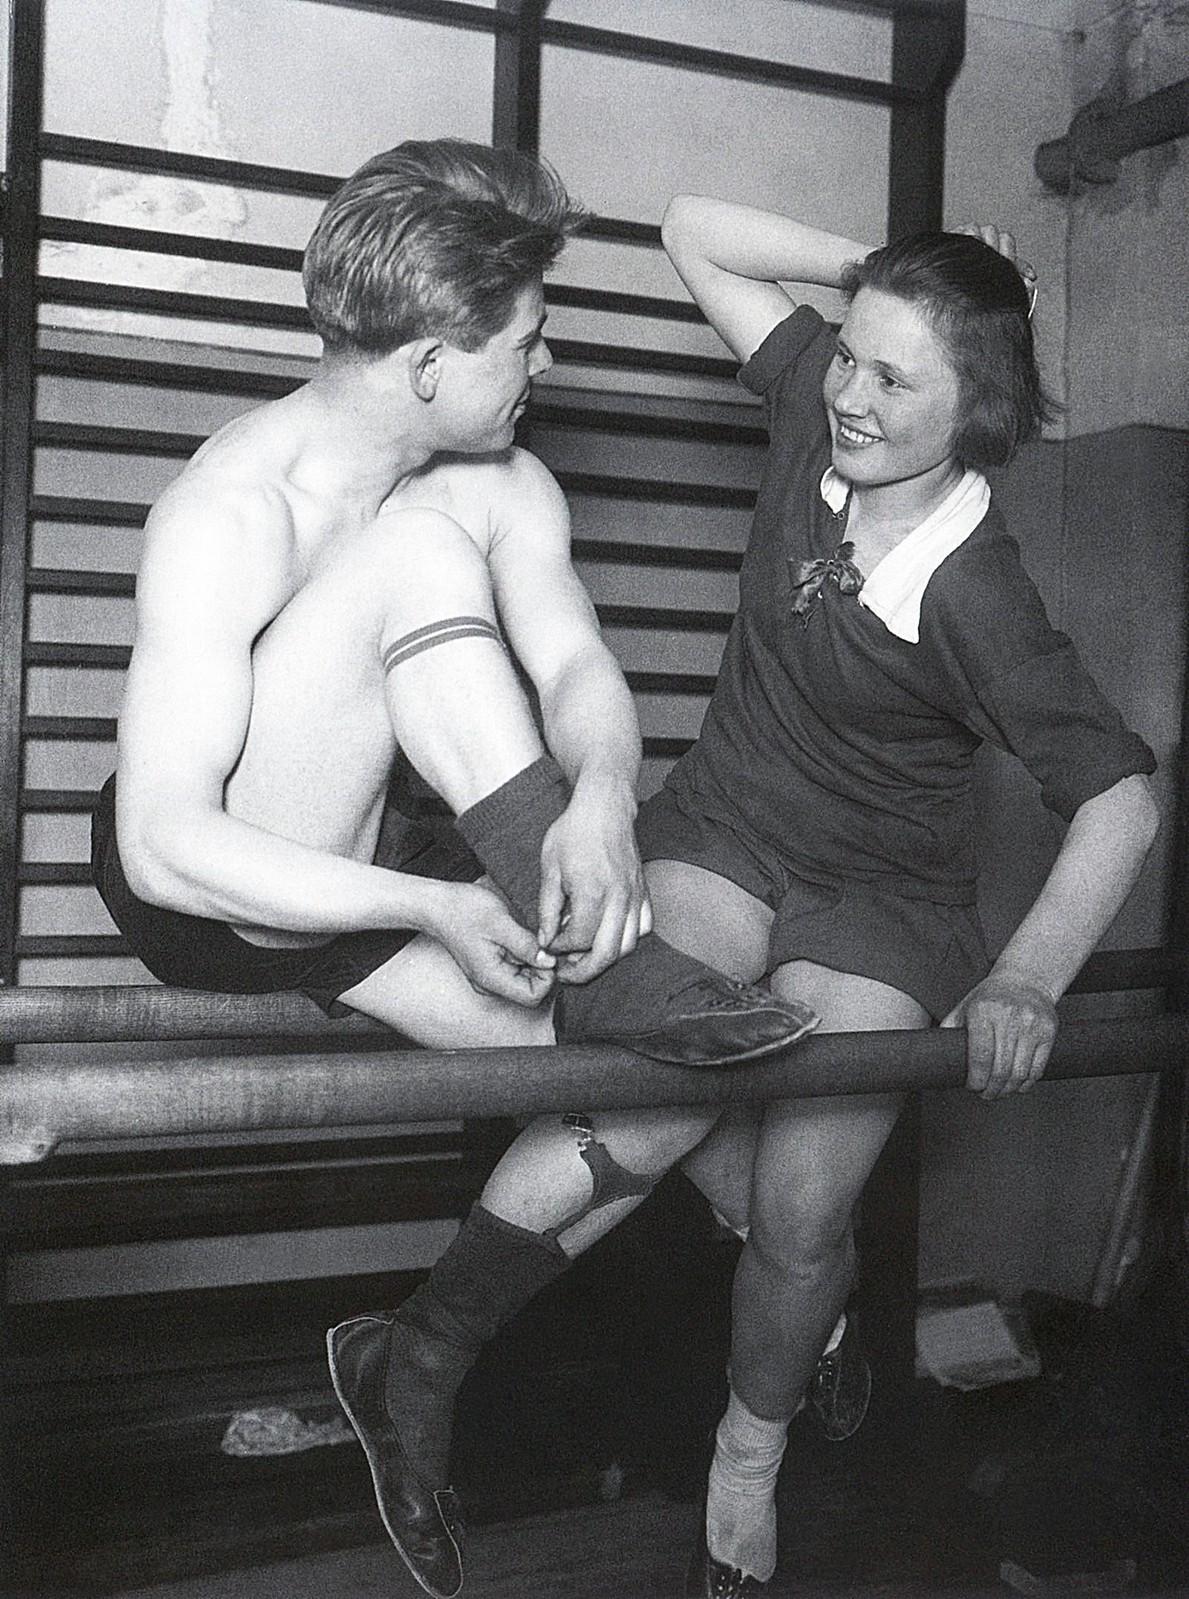 1928. Физкультурник и физкультурница